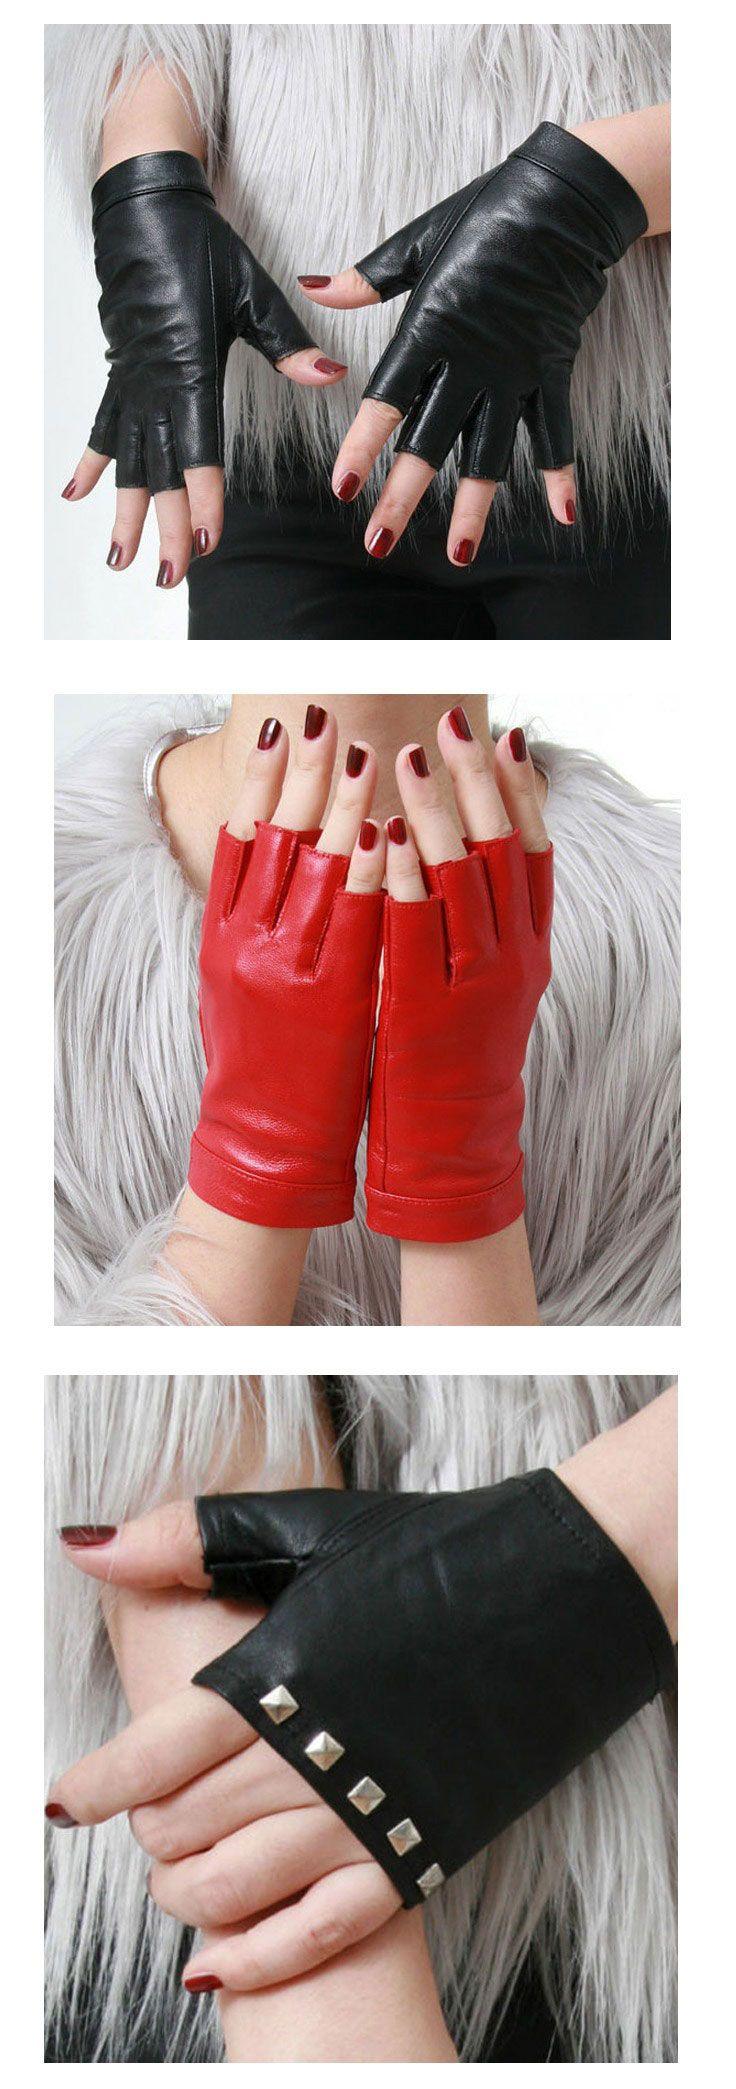 Shop punk leather gloves at RebelsMarket.